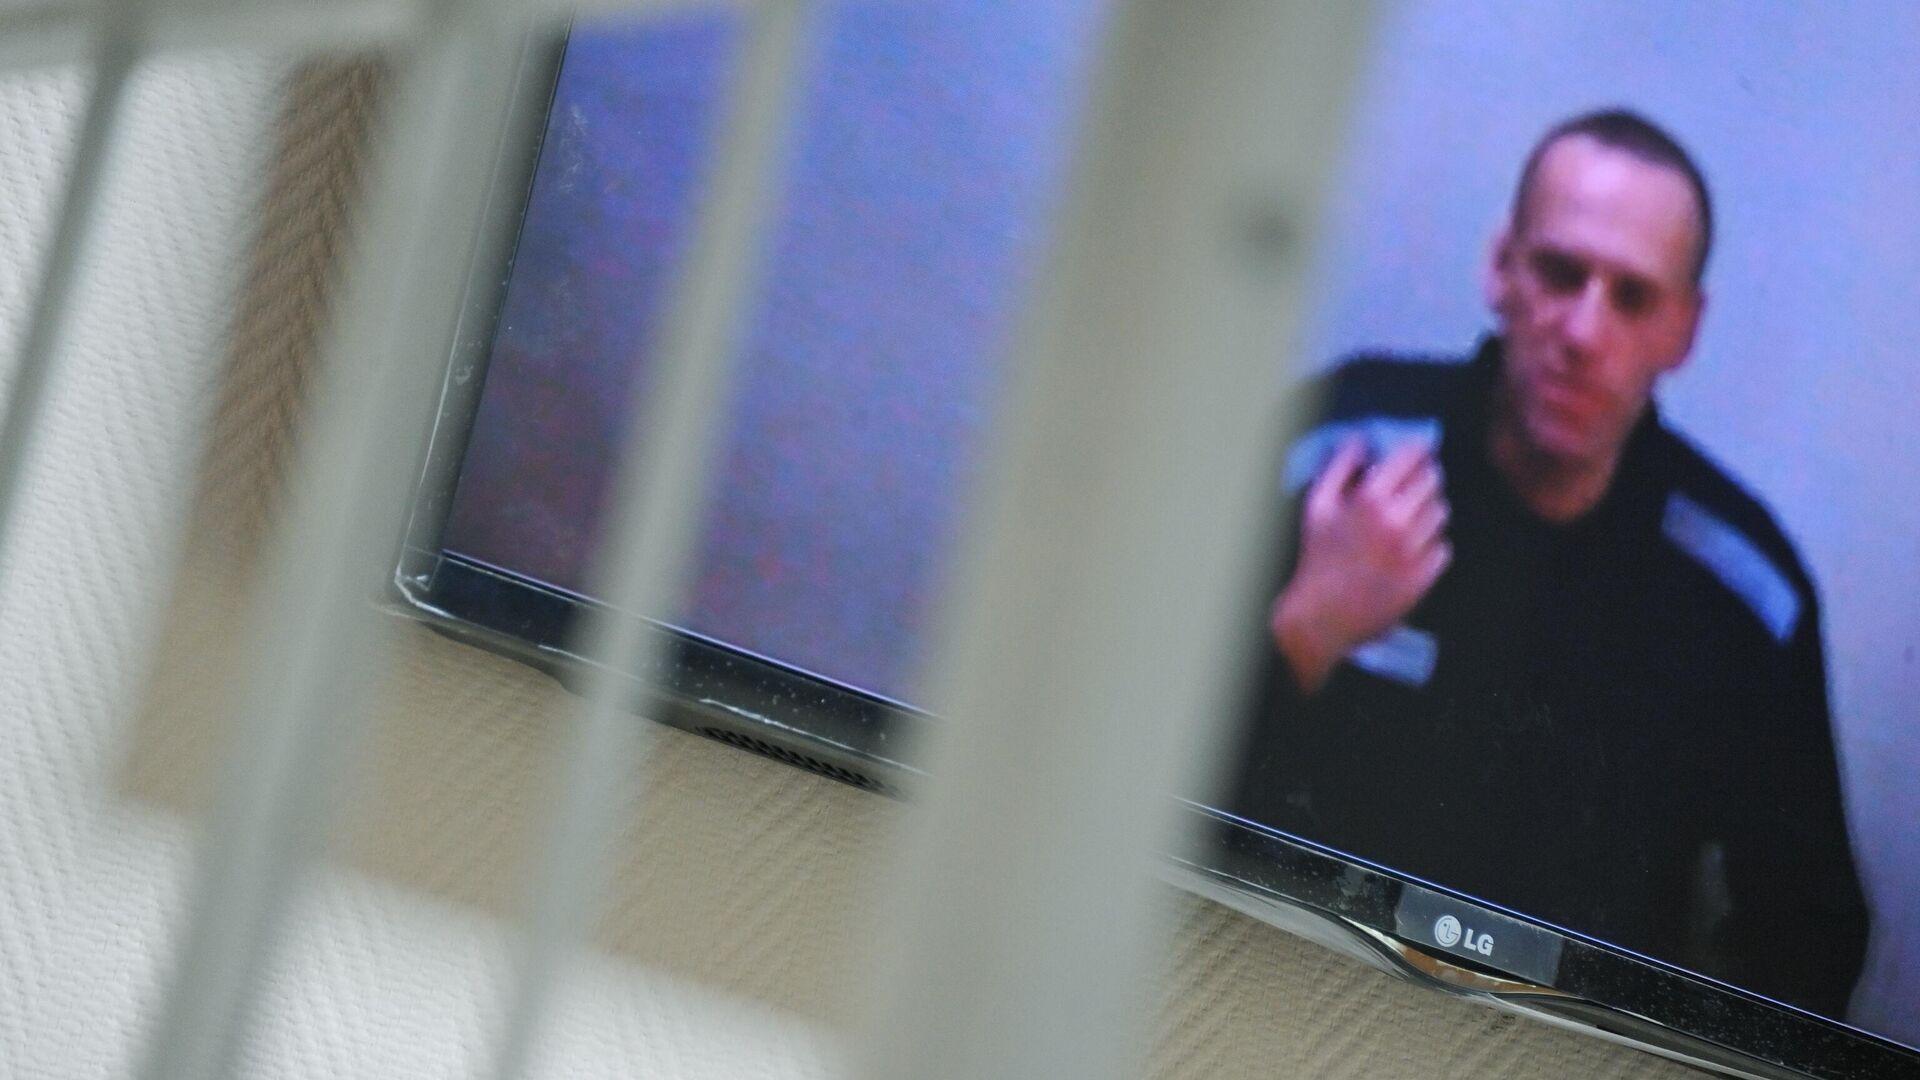 Алексей Навальный по видеосвязи участвует в заседании Петушинского районного суда Владимирской области - РИА Новости, 1920, 26.07.2021